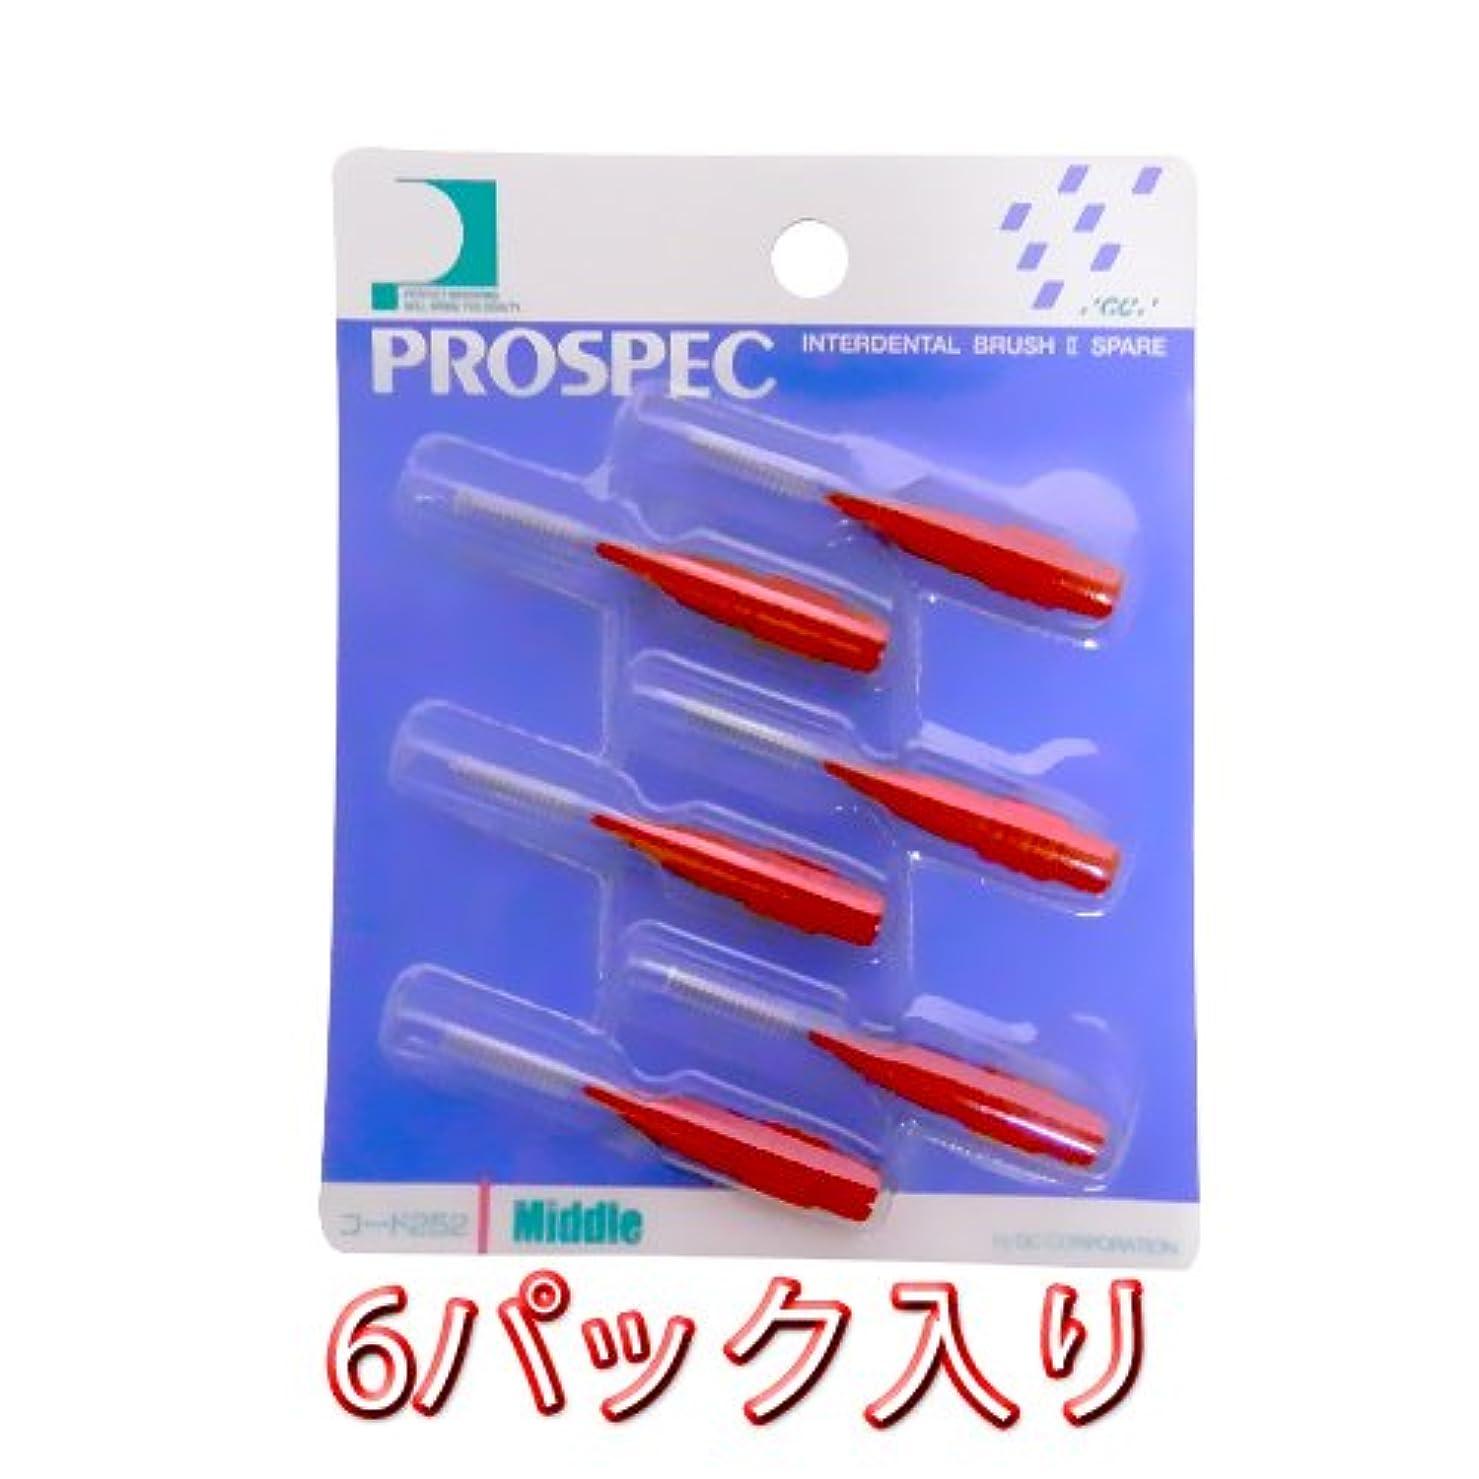 オーディションブラウザ破壊的プロスペック 歯間ブラシ2 スペアー ブラシのみ6本入 × 6パック M レッド